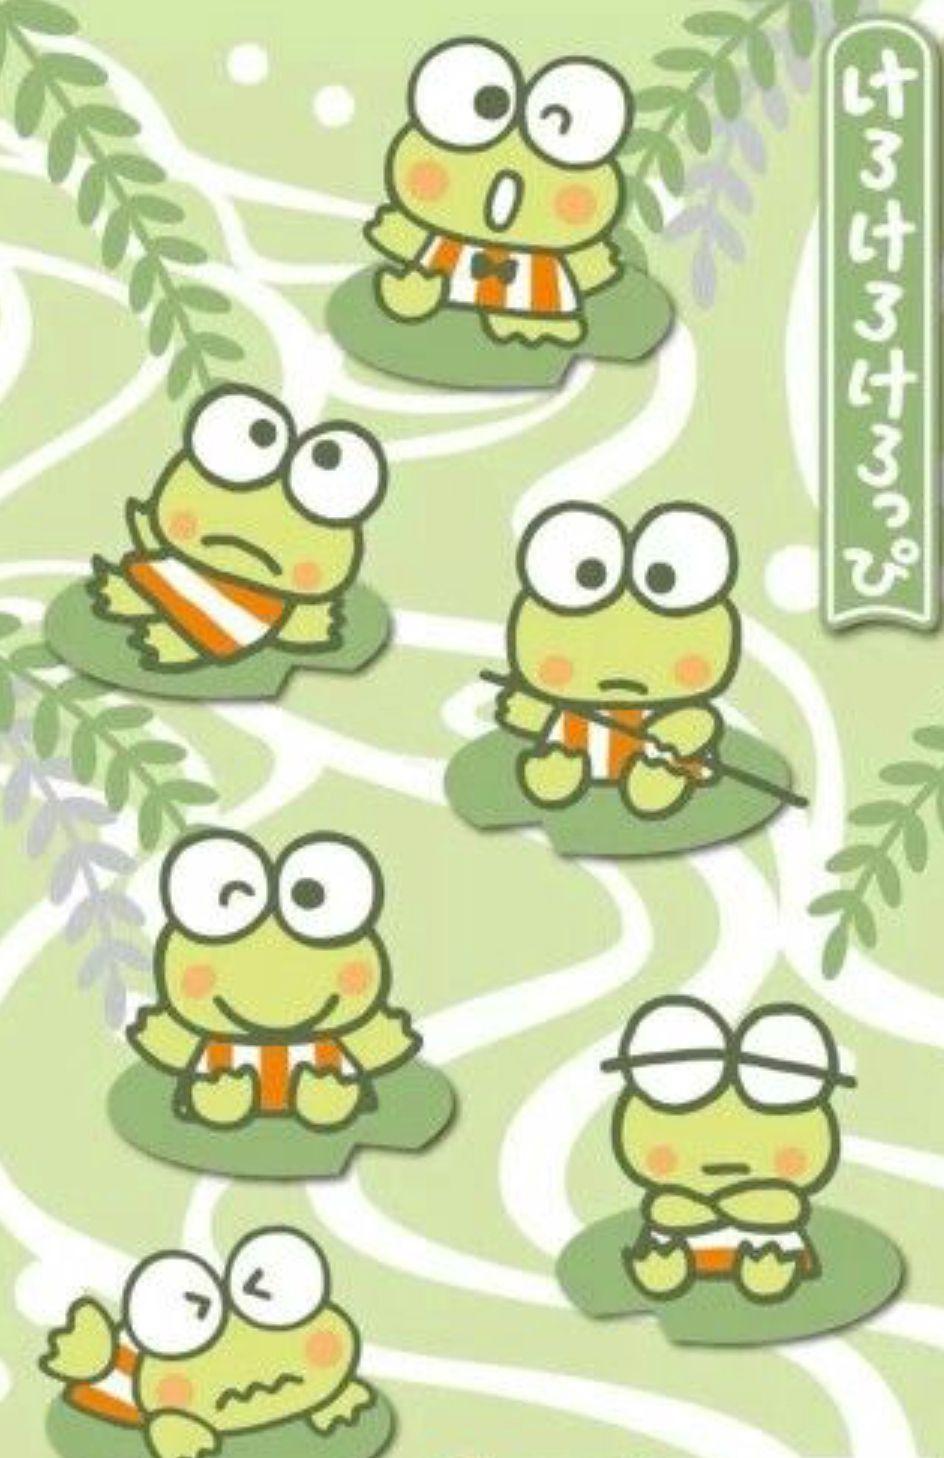 Keroppi カエル イラスト キャラクター 壁紙 かわいい